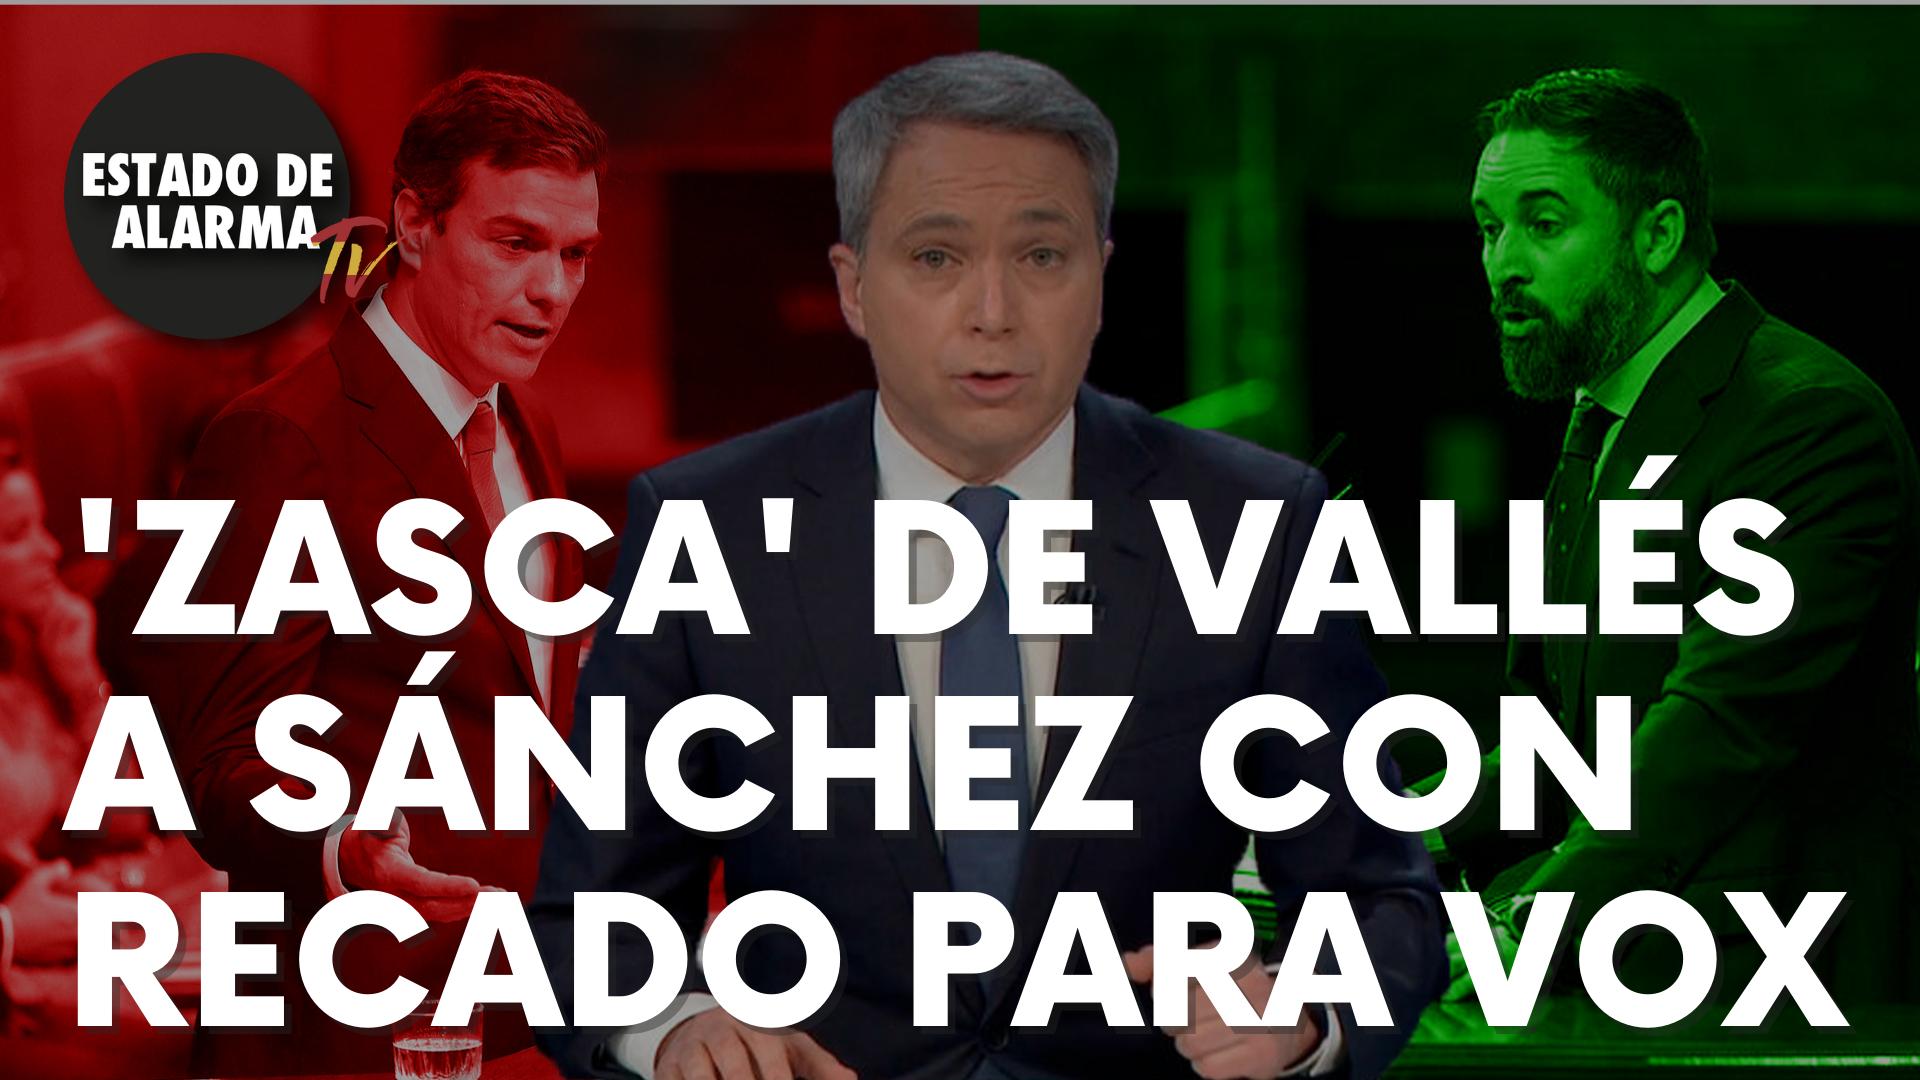 'Zasca' de Vallés a Sánchez con recado a Vox